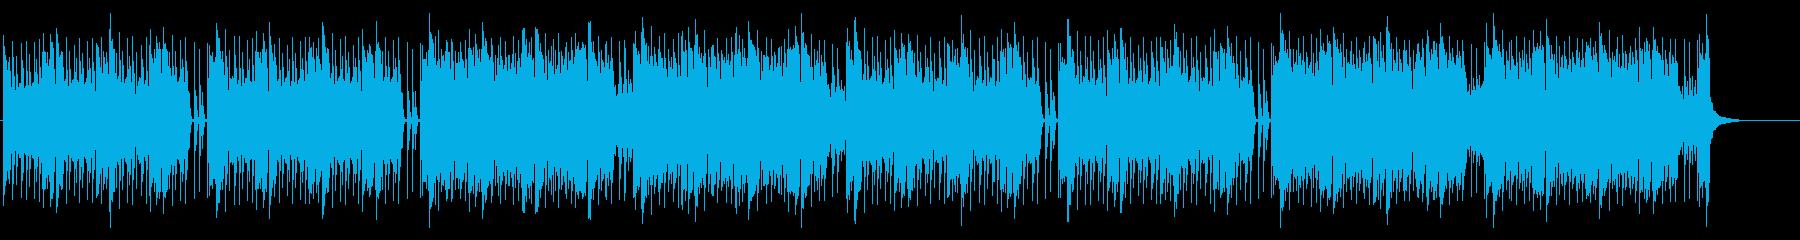 緊張感のあるEDM調バトル曲(長めの再生済みの波形